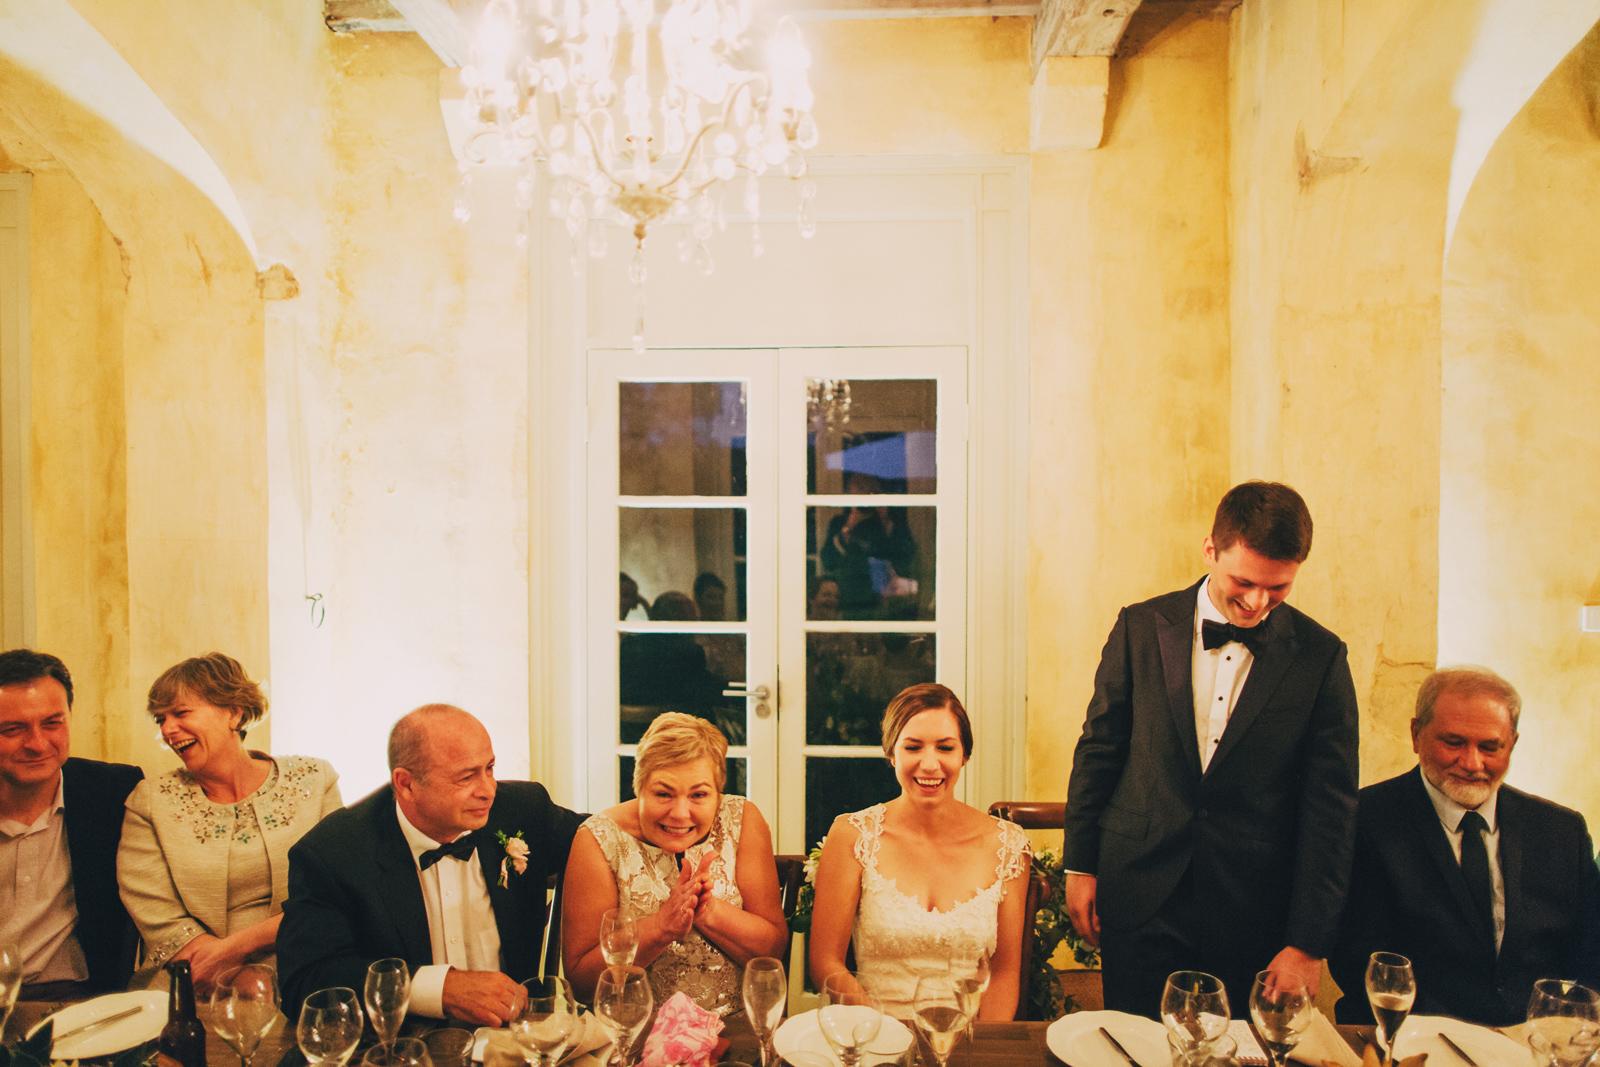 Hilary-&-Darren-Married---0800